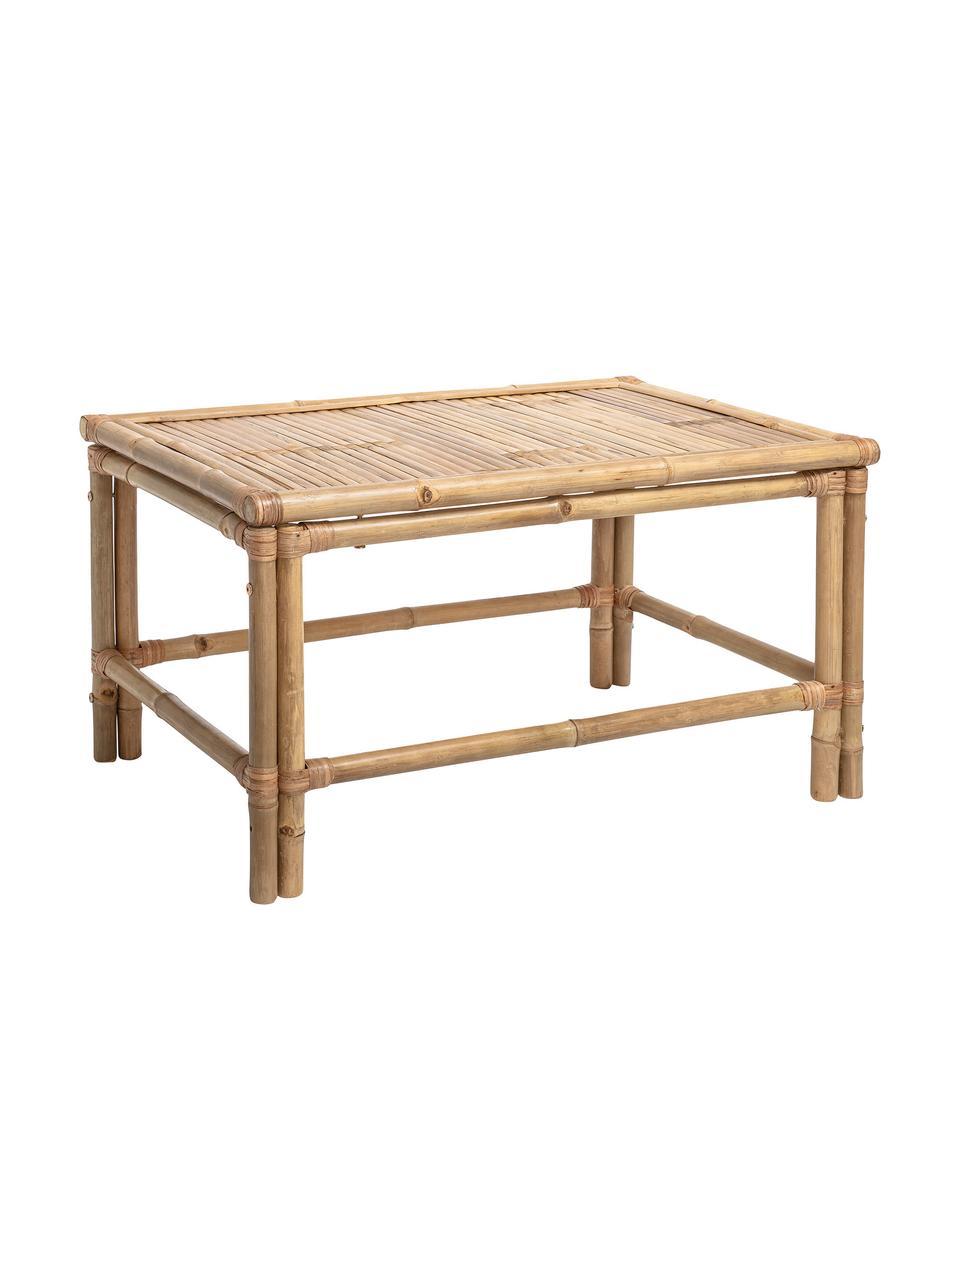 Table basse en bambou Sole, Beige